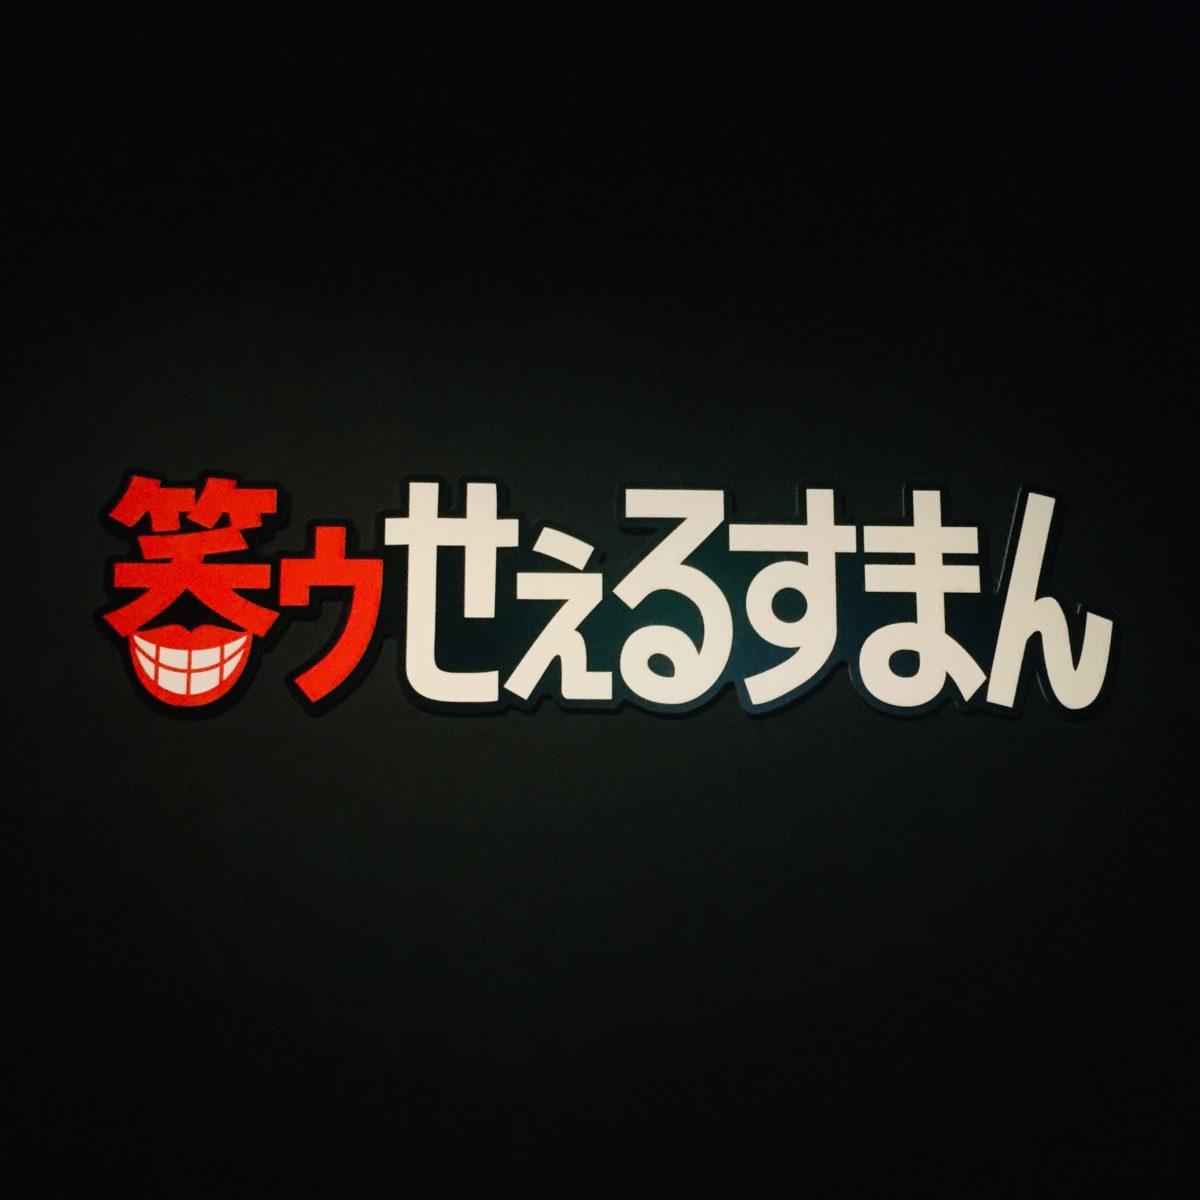 「藤子不二雄Ⓐ展」での笑ゥせぇるすまんのロゴ